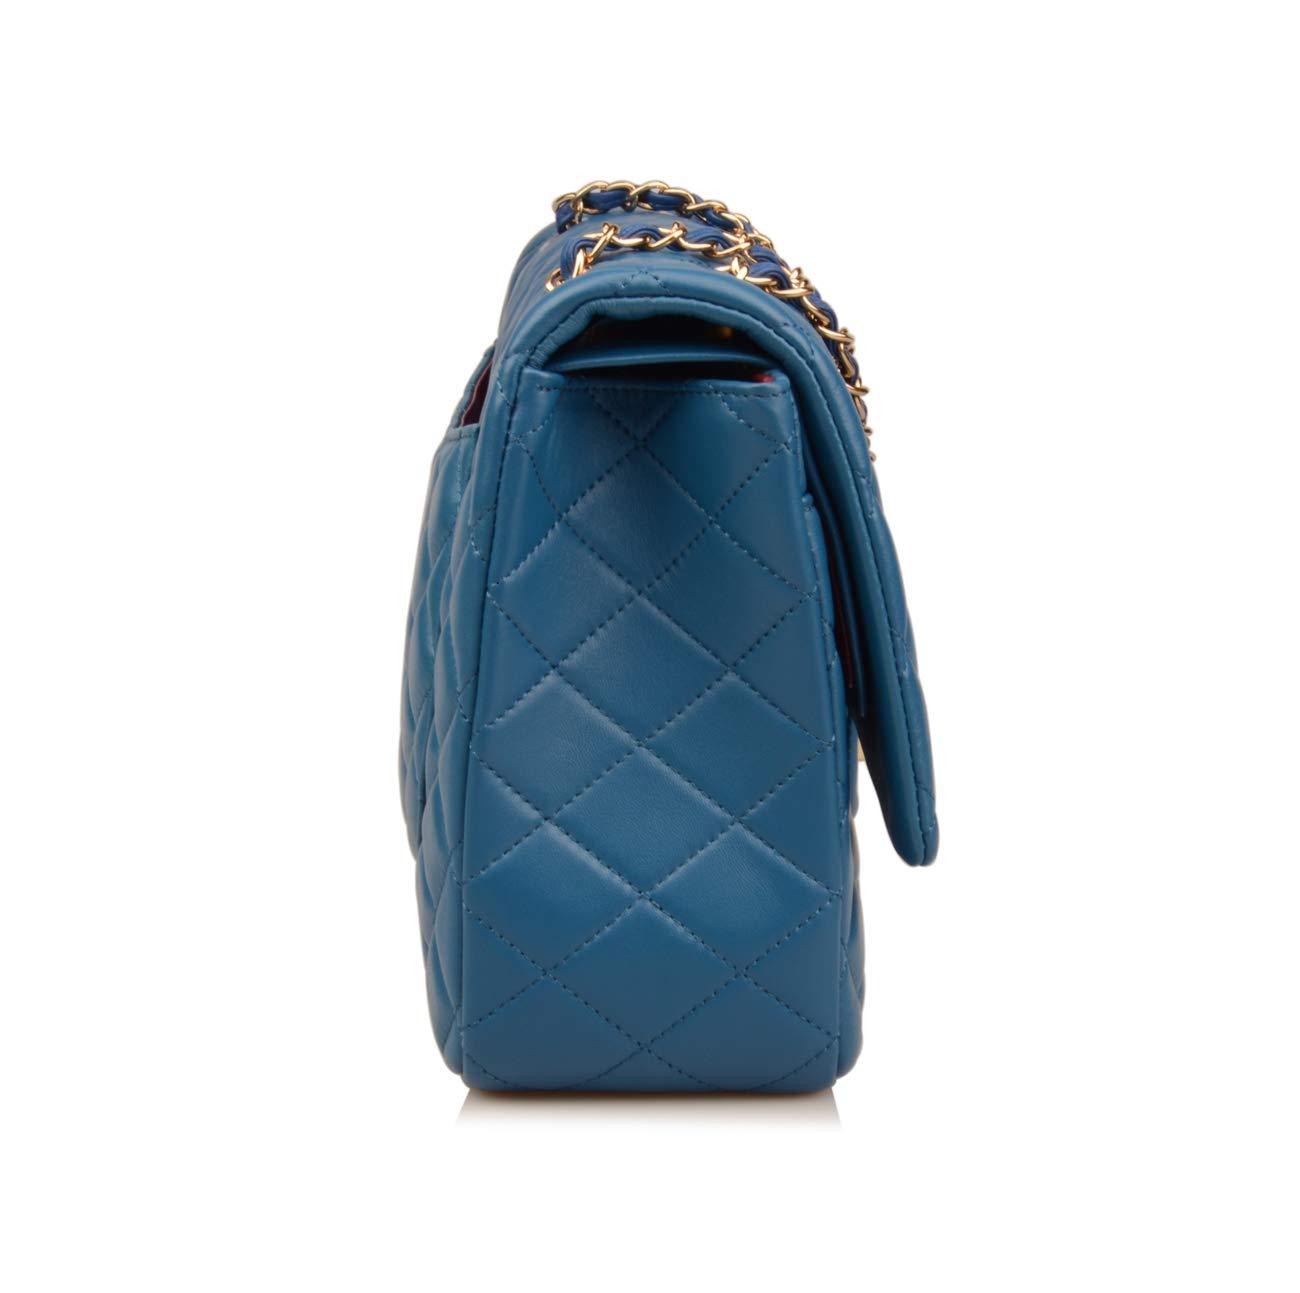 c4b8847e1dd620 Ainifeel Women's Quilted Oversize Genuine Leather Shoulder Handbag Hobo Bag  Purse larger image